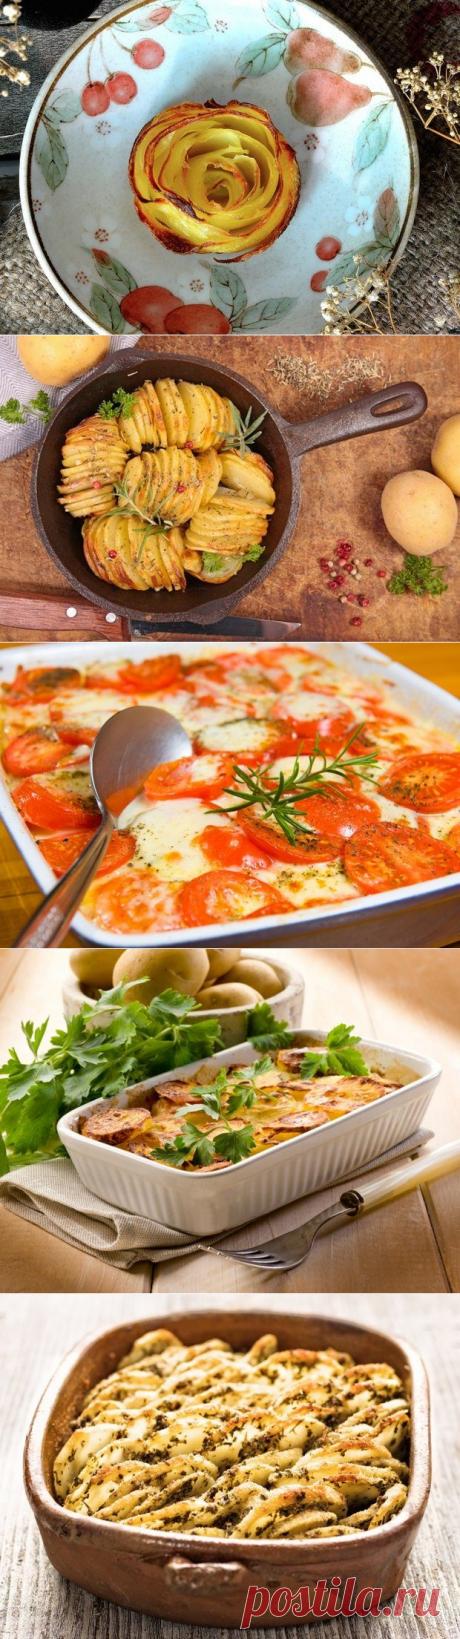 6 пикантных блюд из картофеля